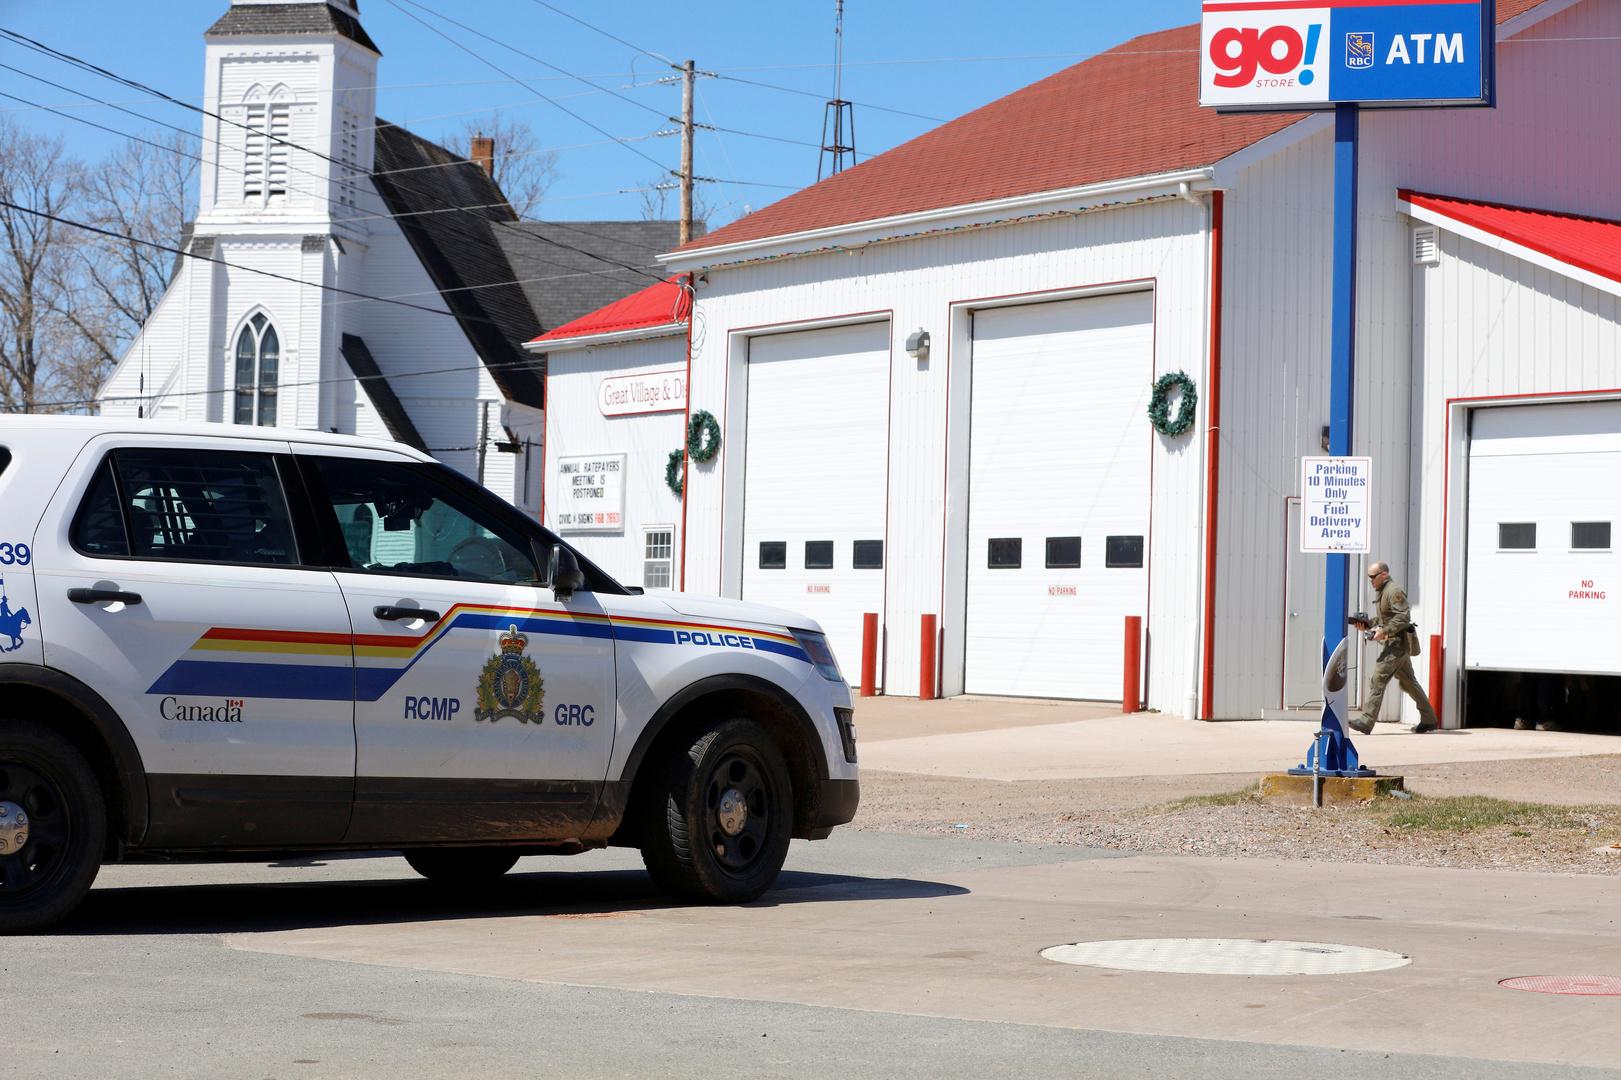 مقتل شخص وإصابة 4 آخرين بإطلاق نار قرب تورونتو بكندا